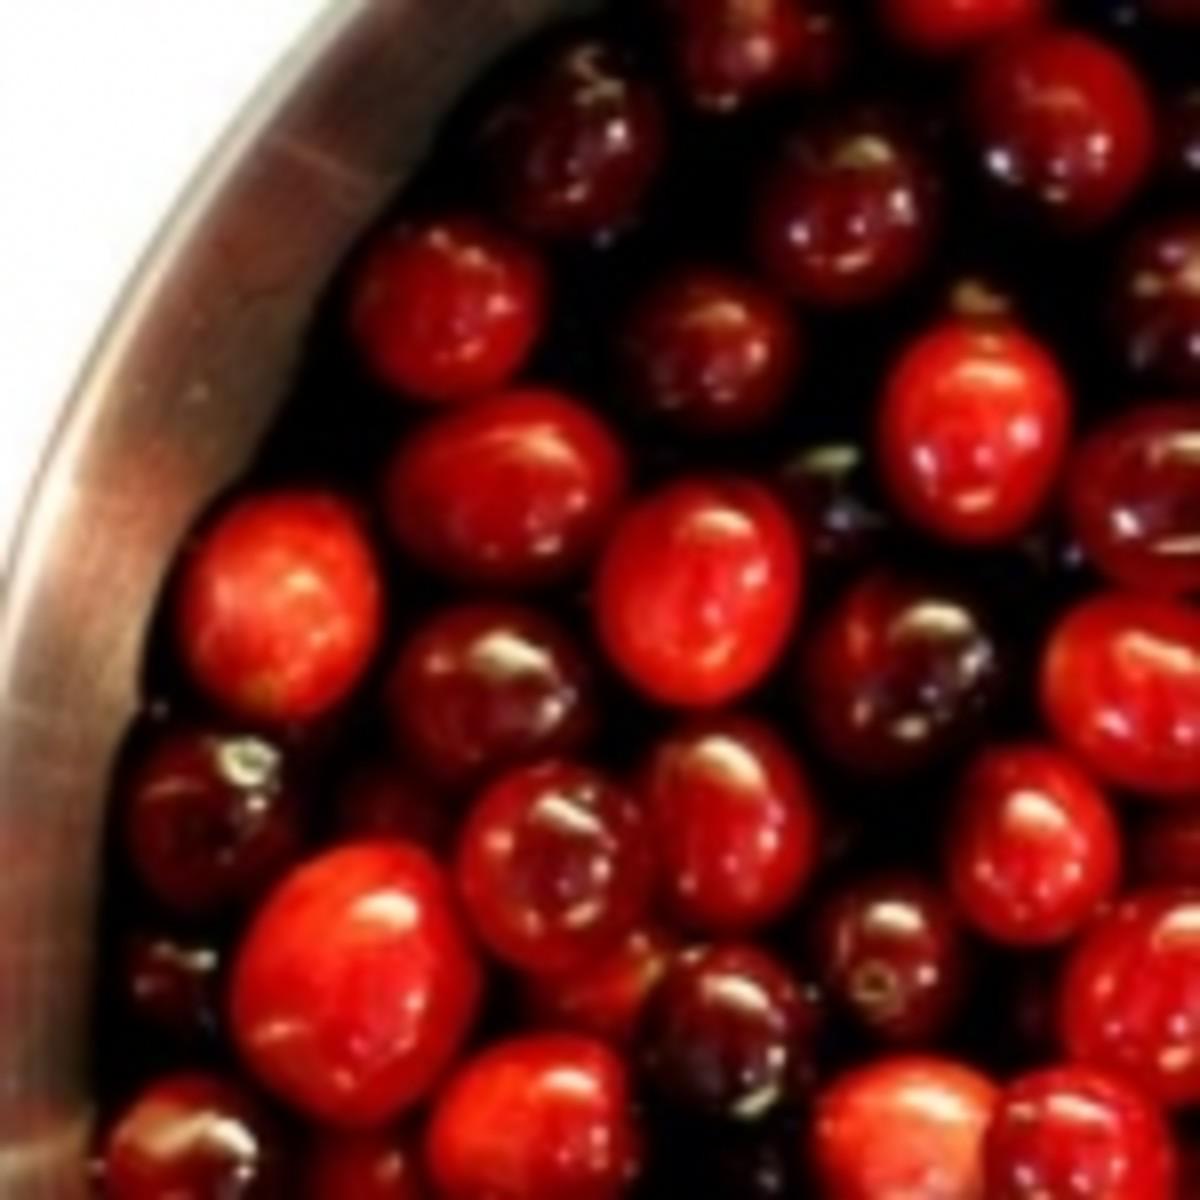 tn_cranberries-ccflcr-halfchinese